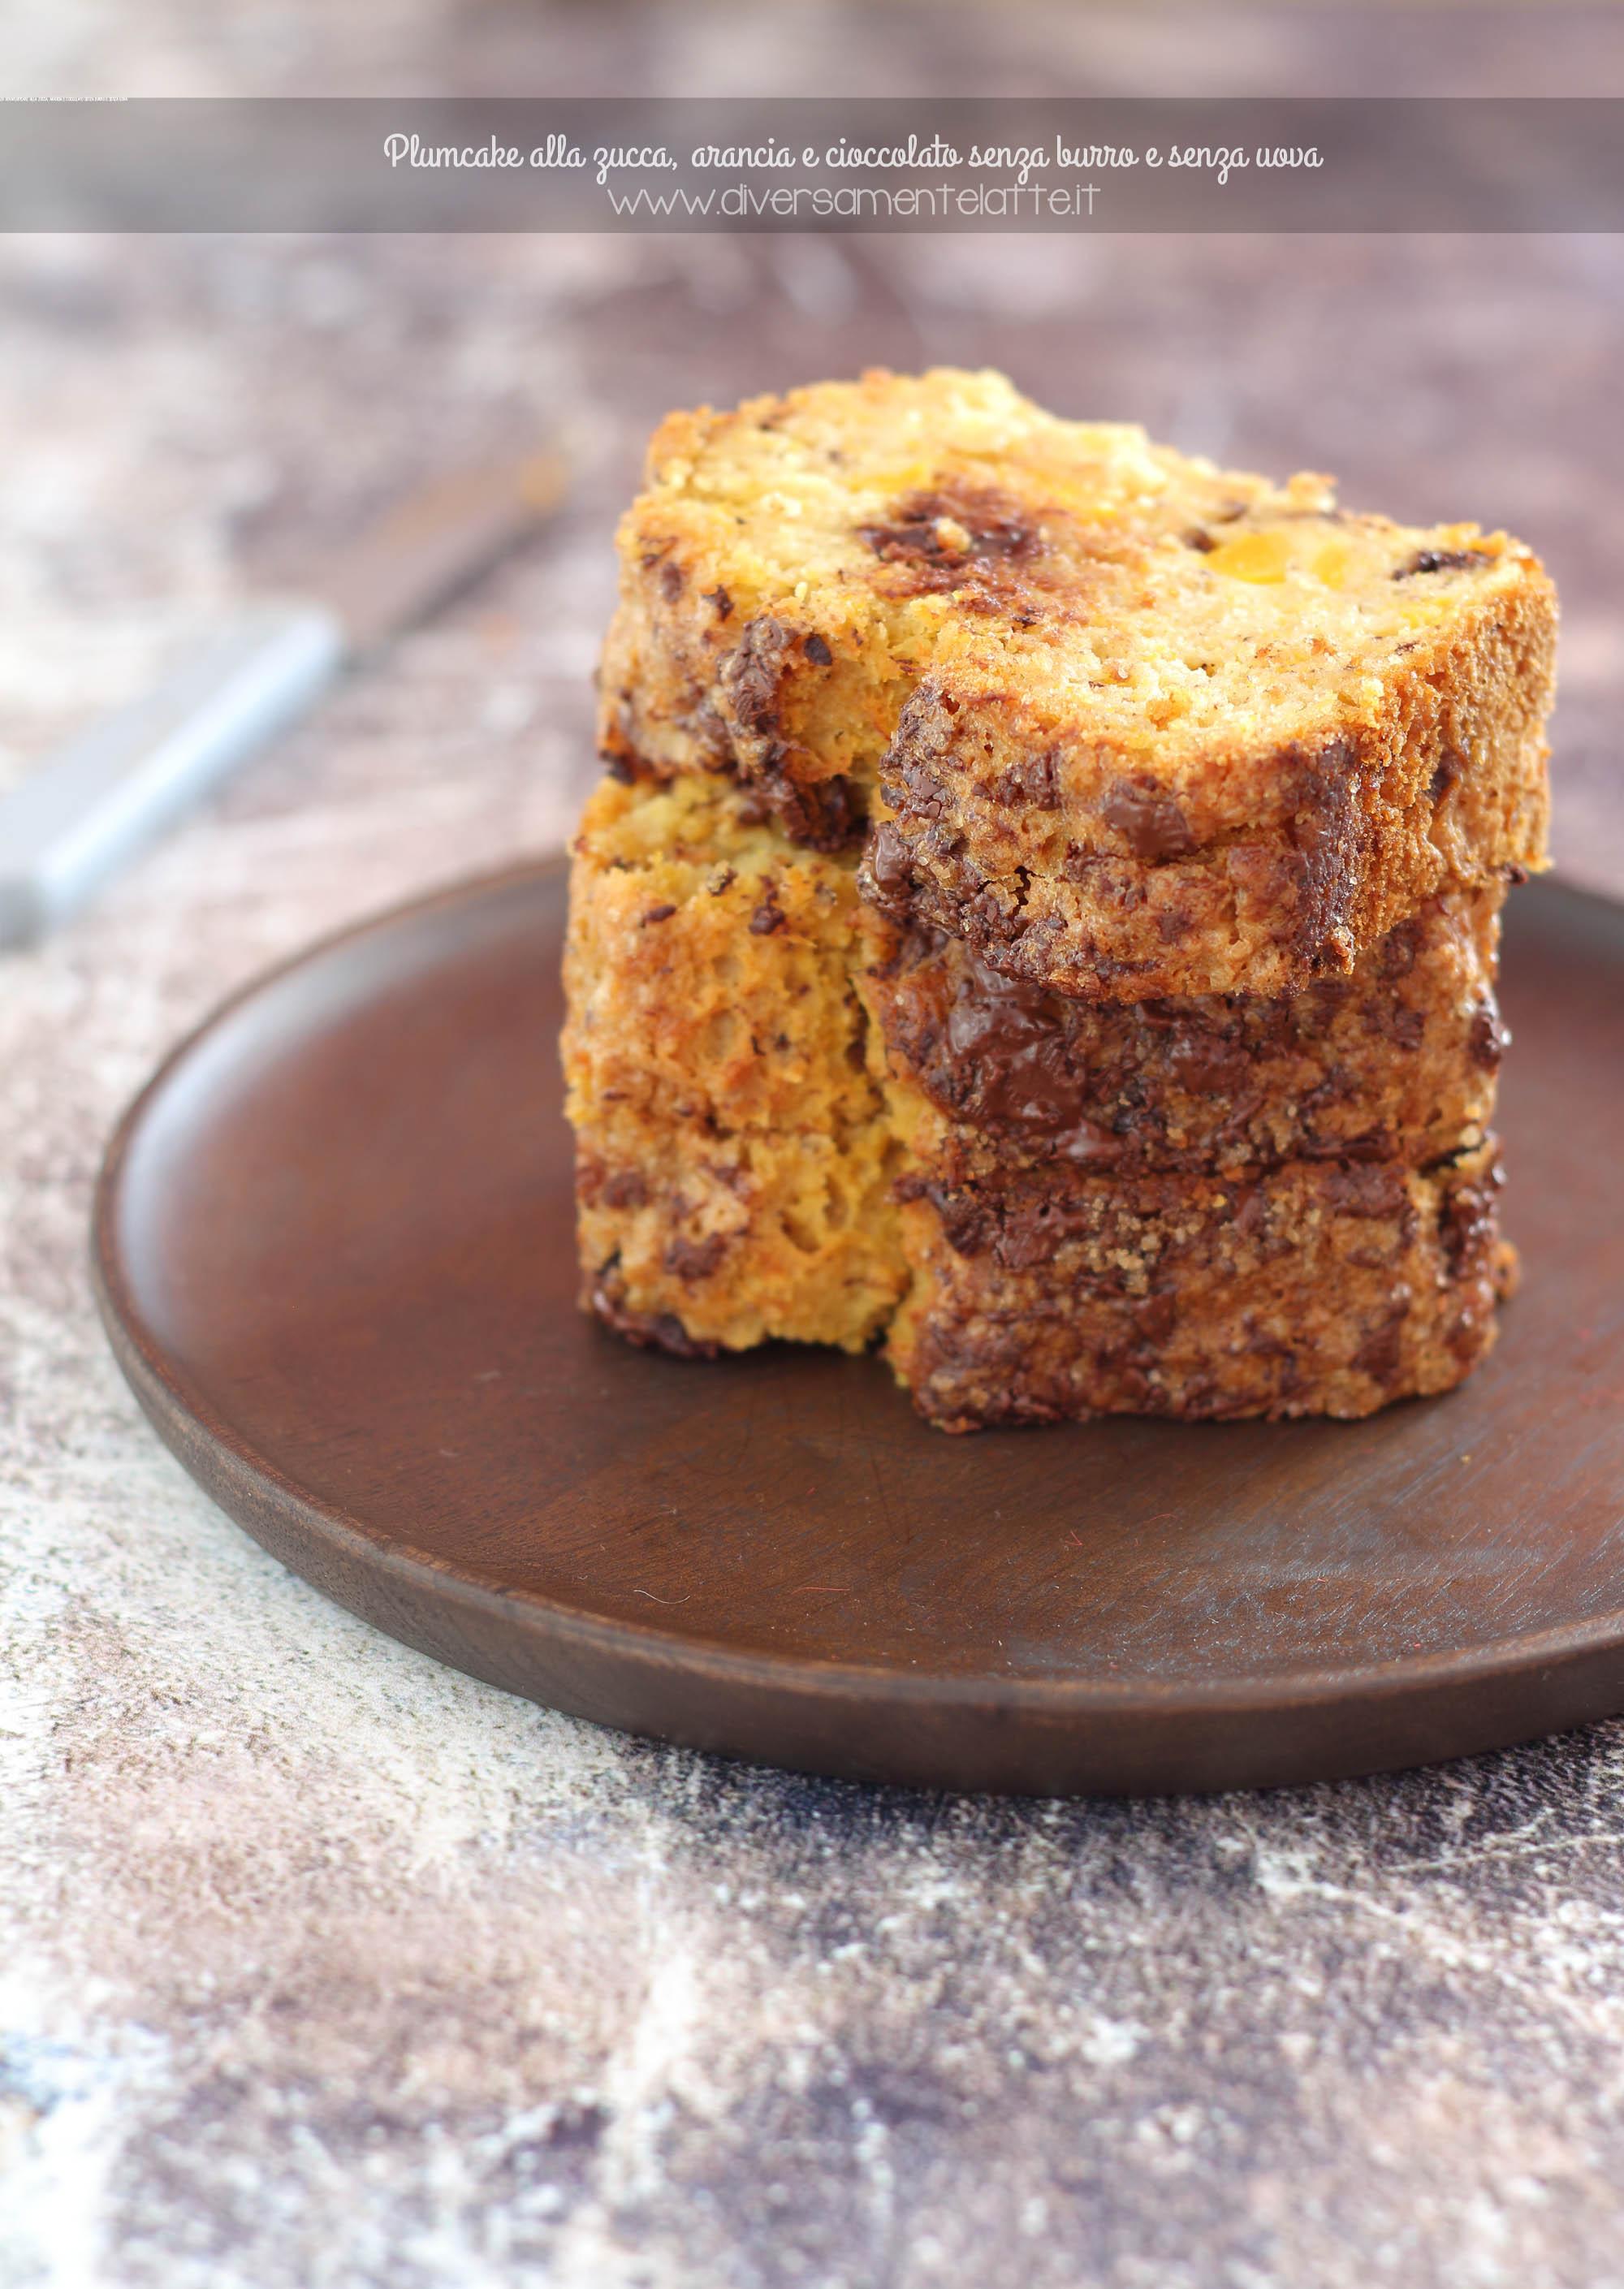 plumcake zucca arancia cioccolato